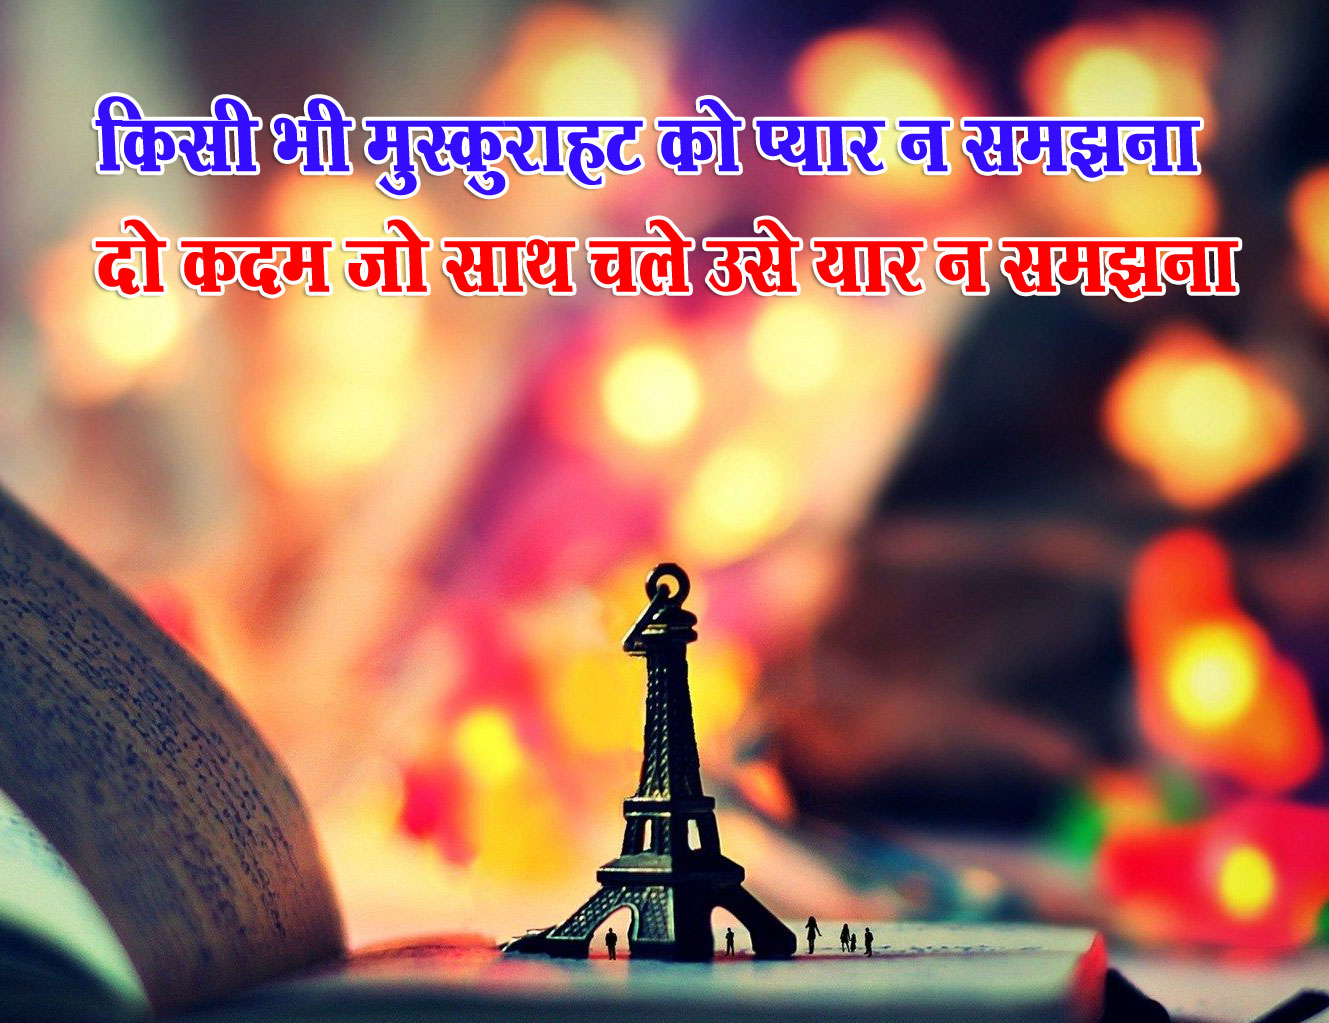 Shayari Images 13